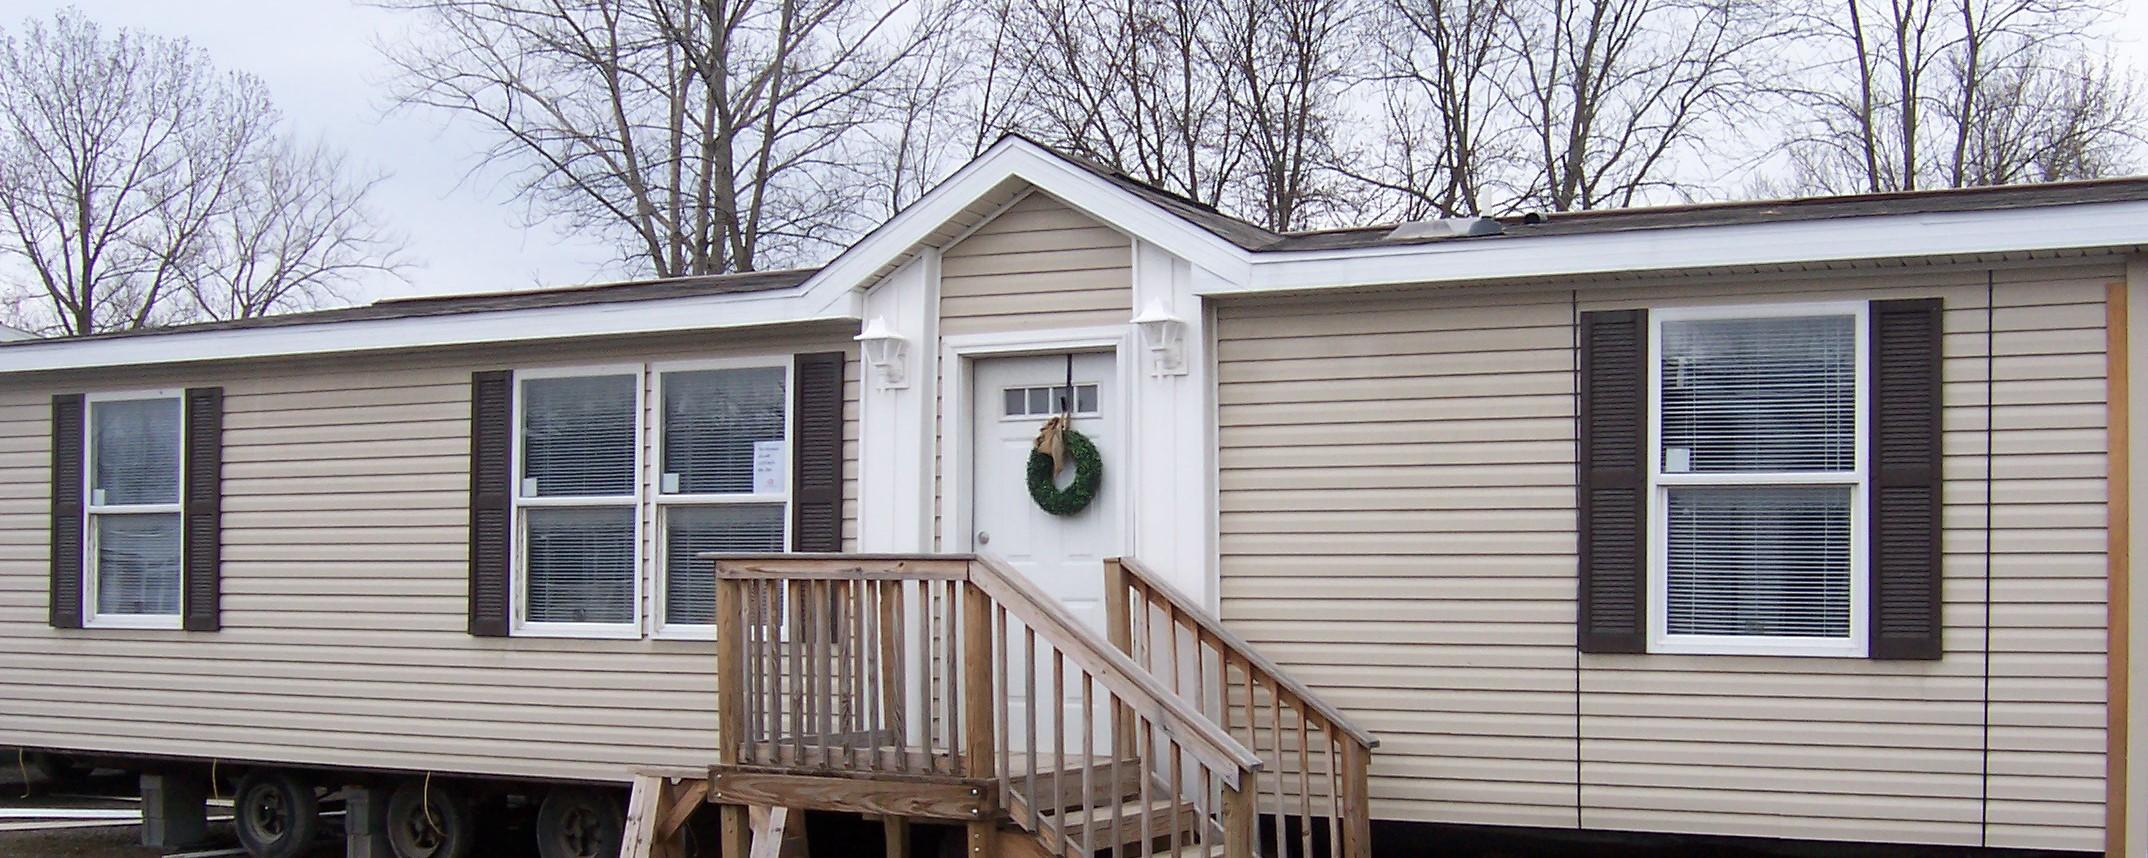 dave s quality homes rh davesqualityhomes com